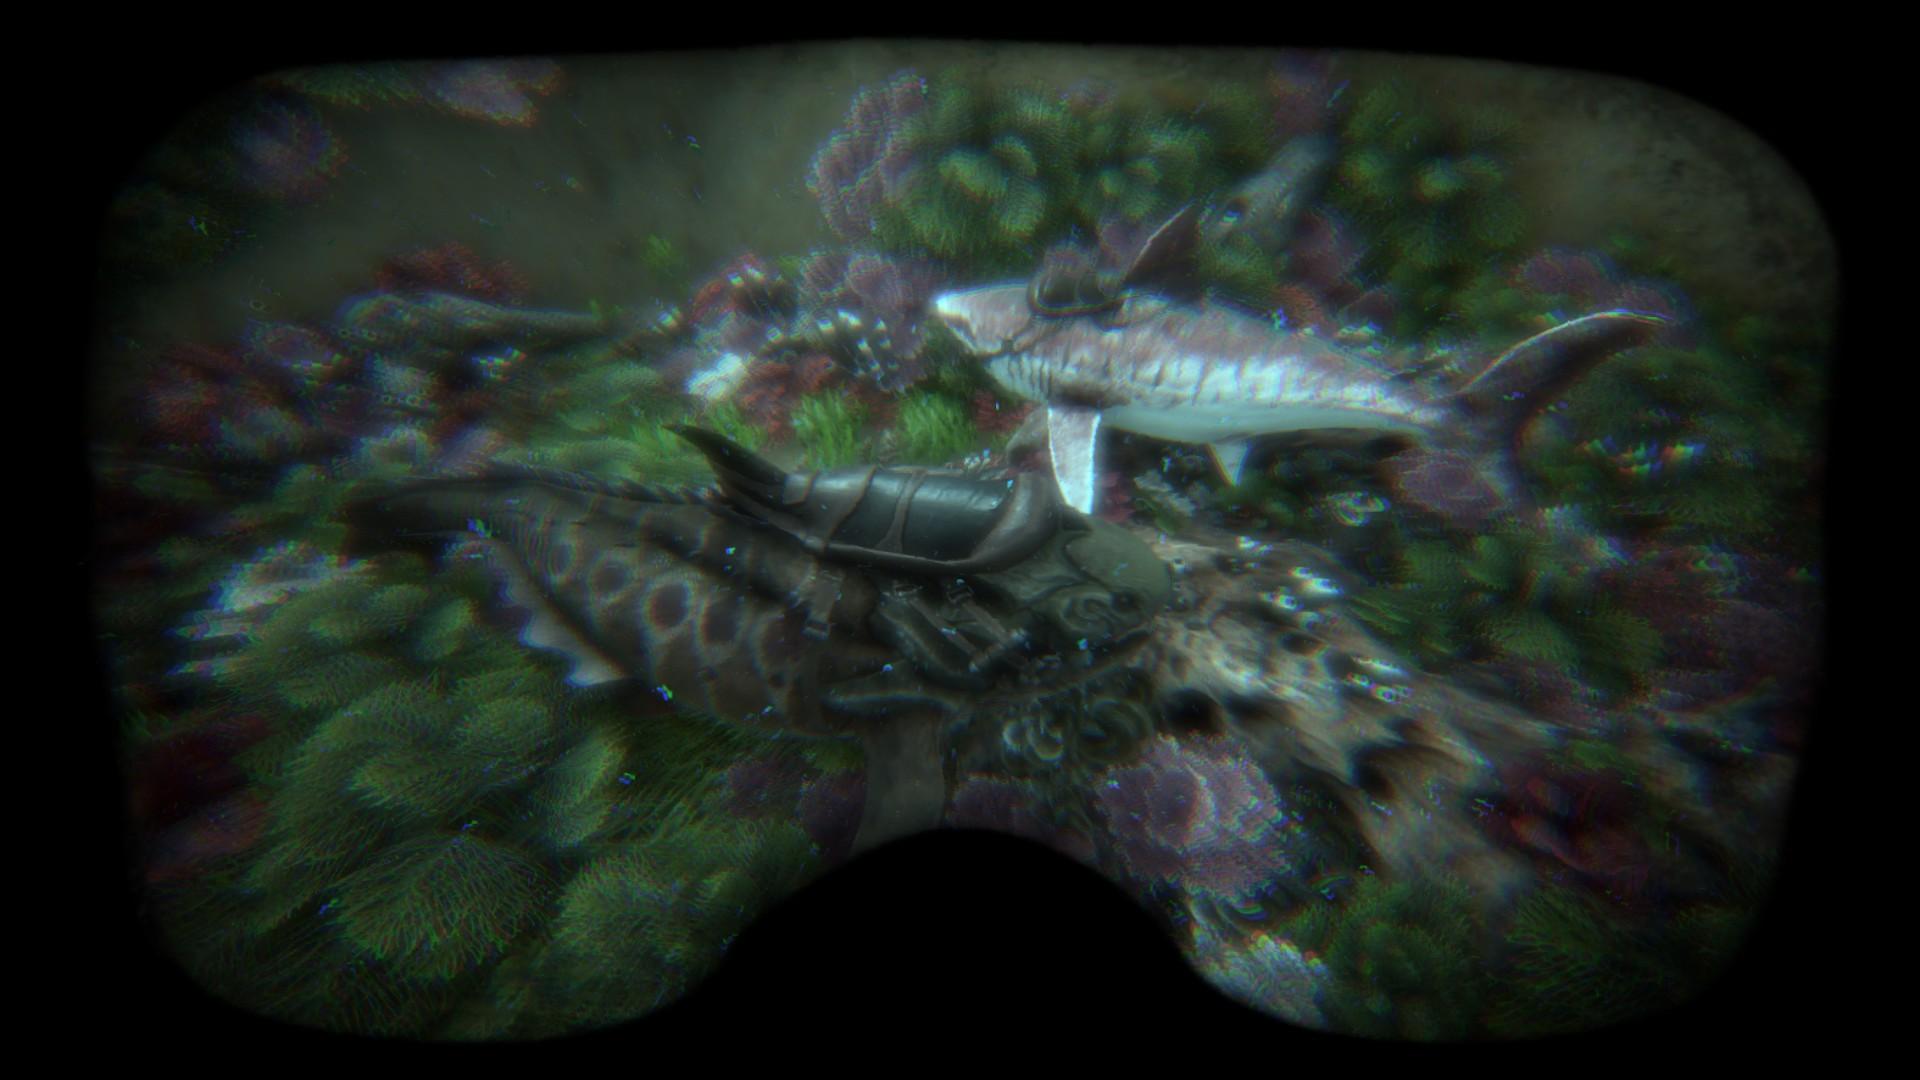 Dunkleosteus (Steinbeißer Fisch) - Wiki - Ark Survival